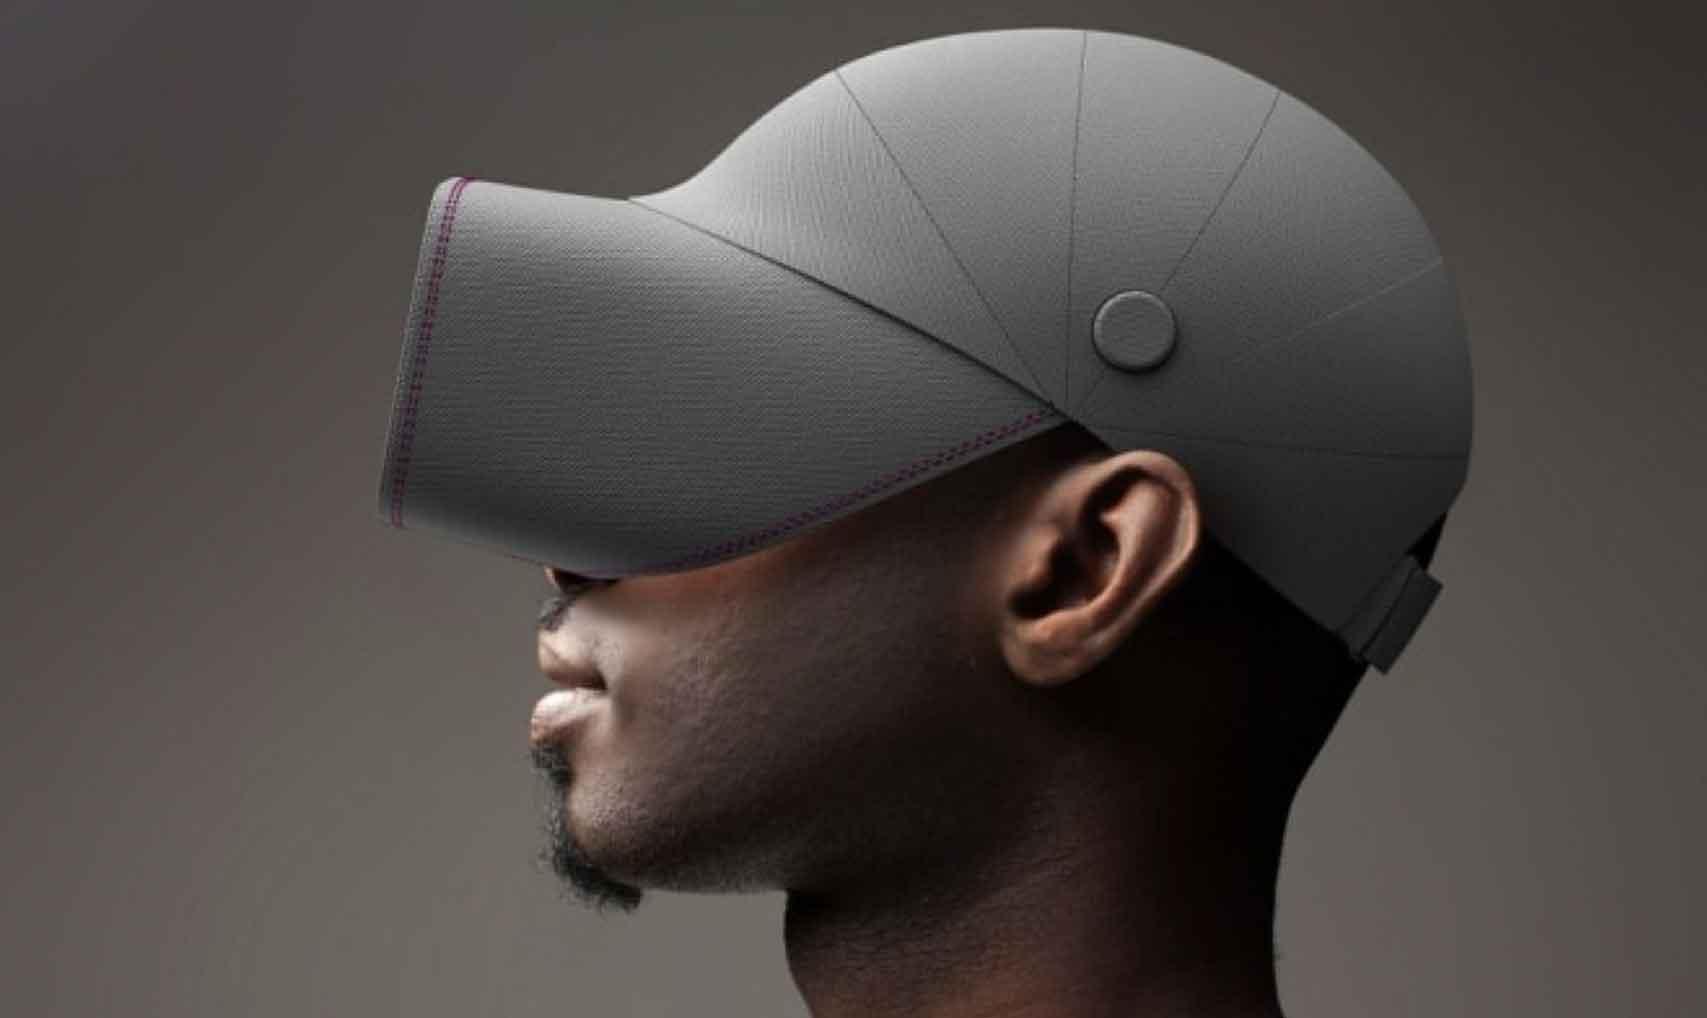 Deisgner zeigen VR-Brillen, die leichter aufzusetzen sind, sich bequemer tragen und cooler aussehen als bisherige Produkte.